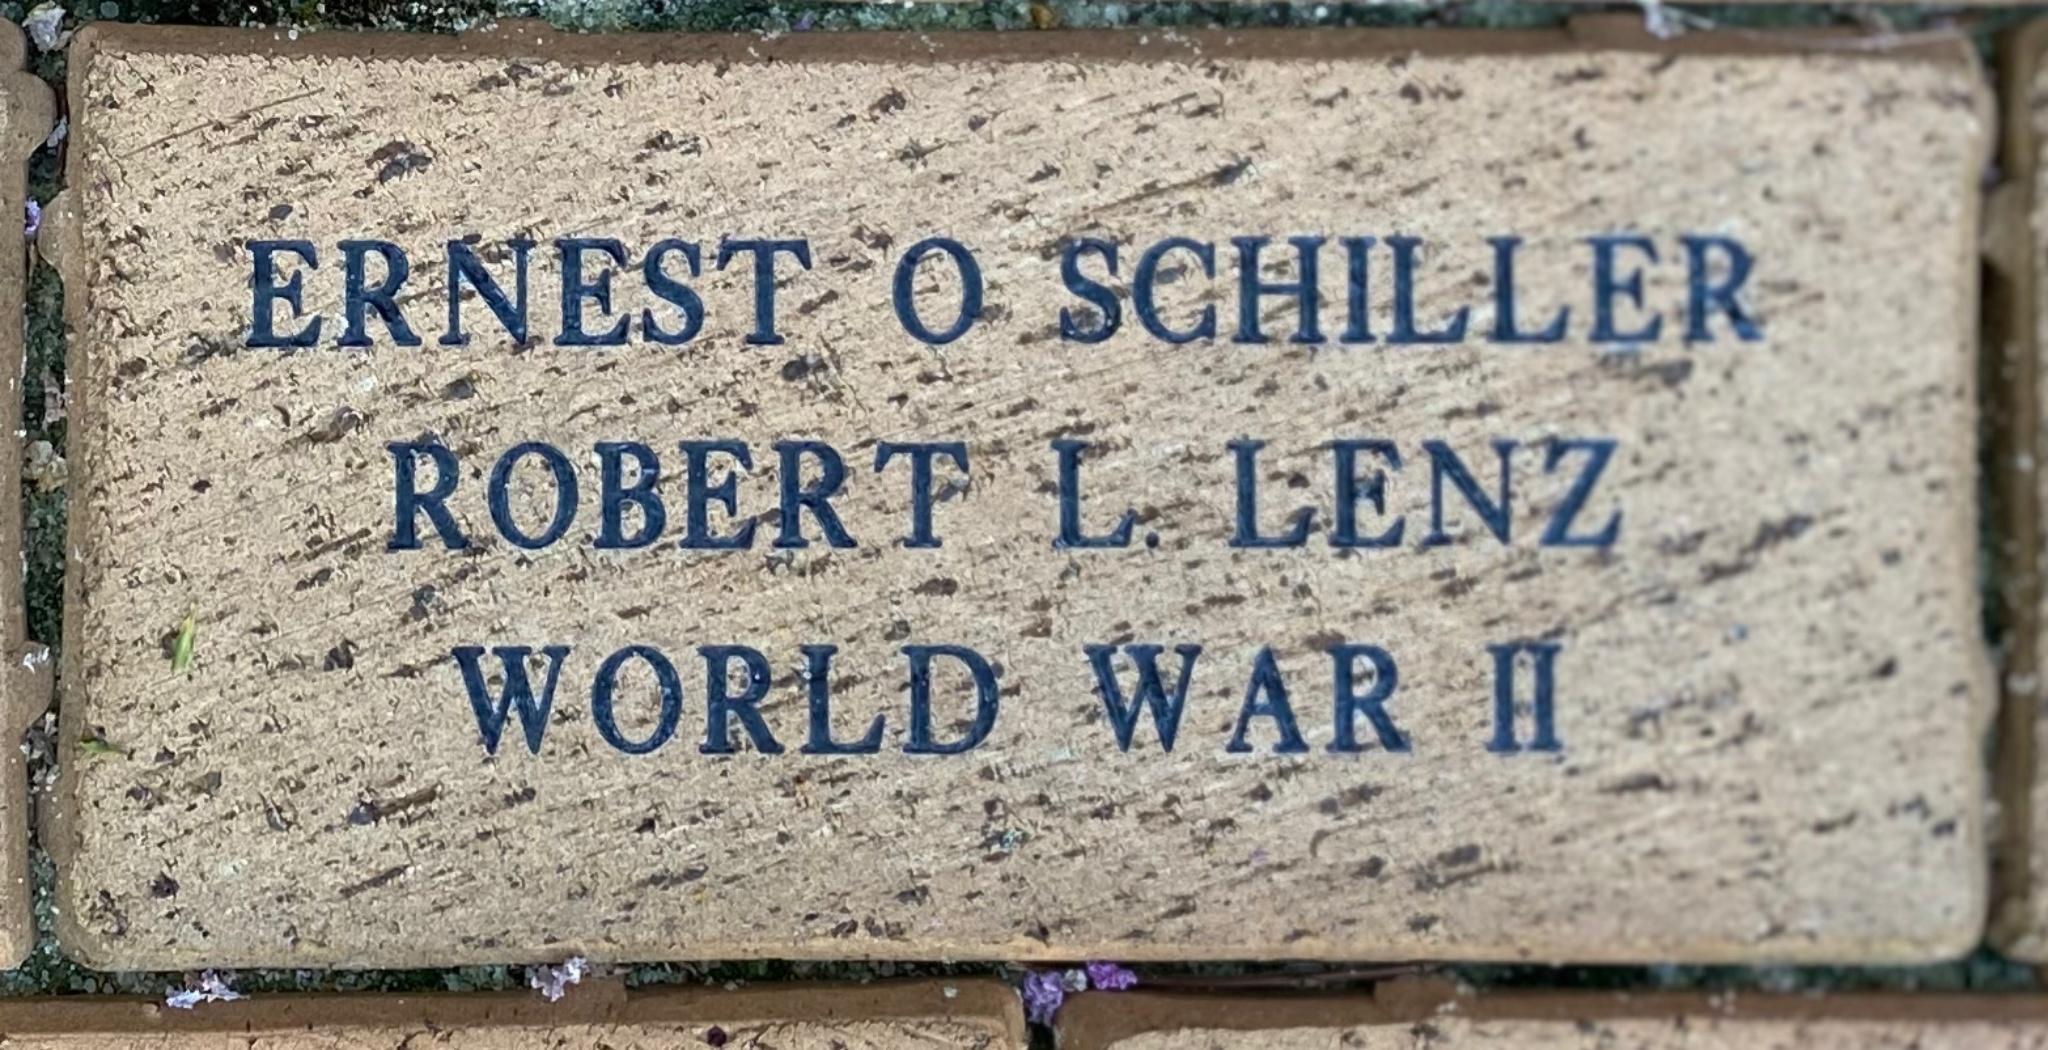 ERNEST O. SCHILLER ROBERT L. LENZ WORLD WAR II